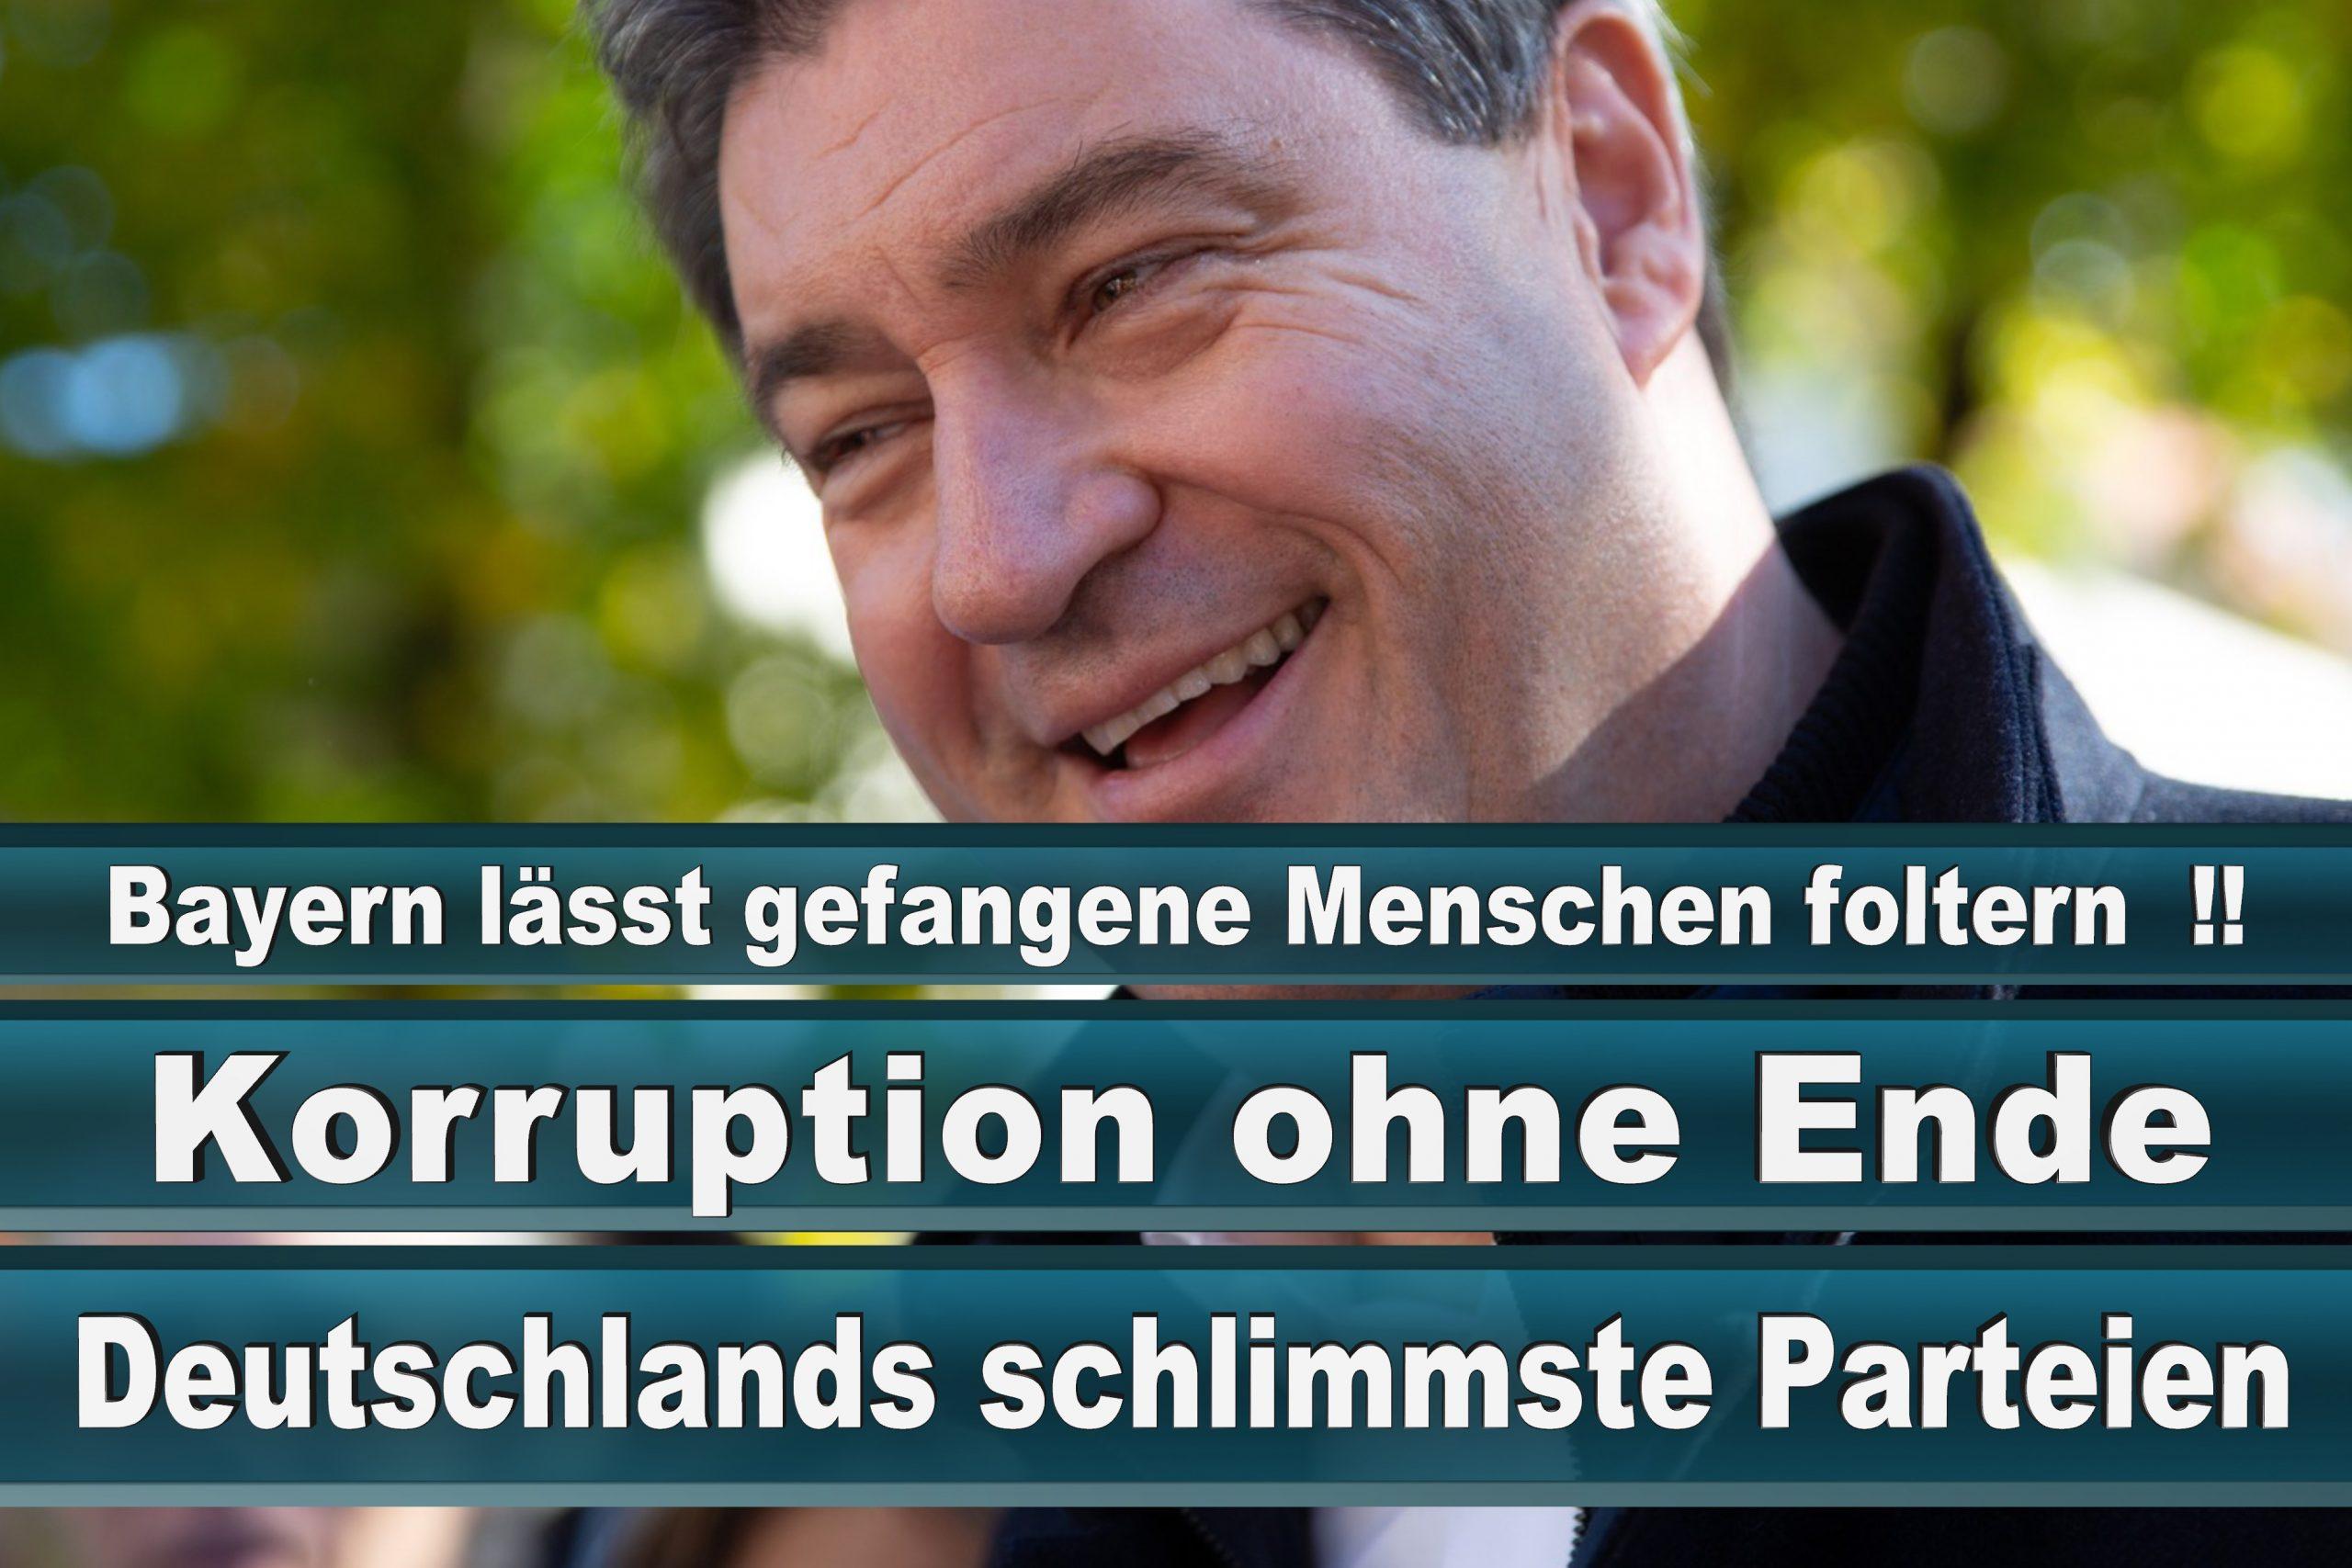 CDU,CSU Wahlplakate 2021 Stimmzettel Briefwahl Umfrage Prognose Termin Datum Söder Parteien Kandidaten Merkel,Laschet,CDU,AfD,Wahlwerbung (1)